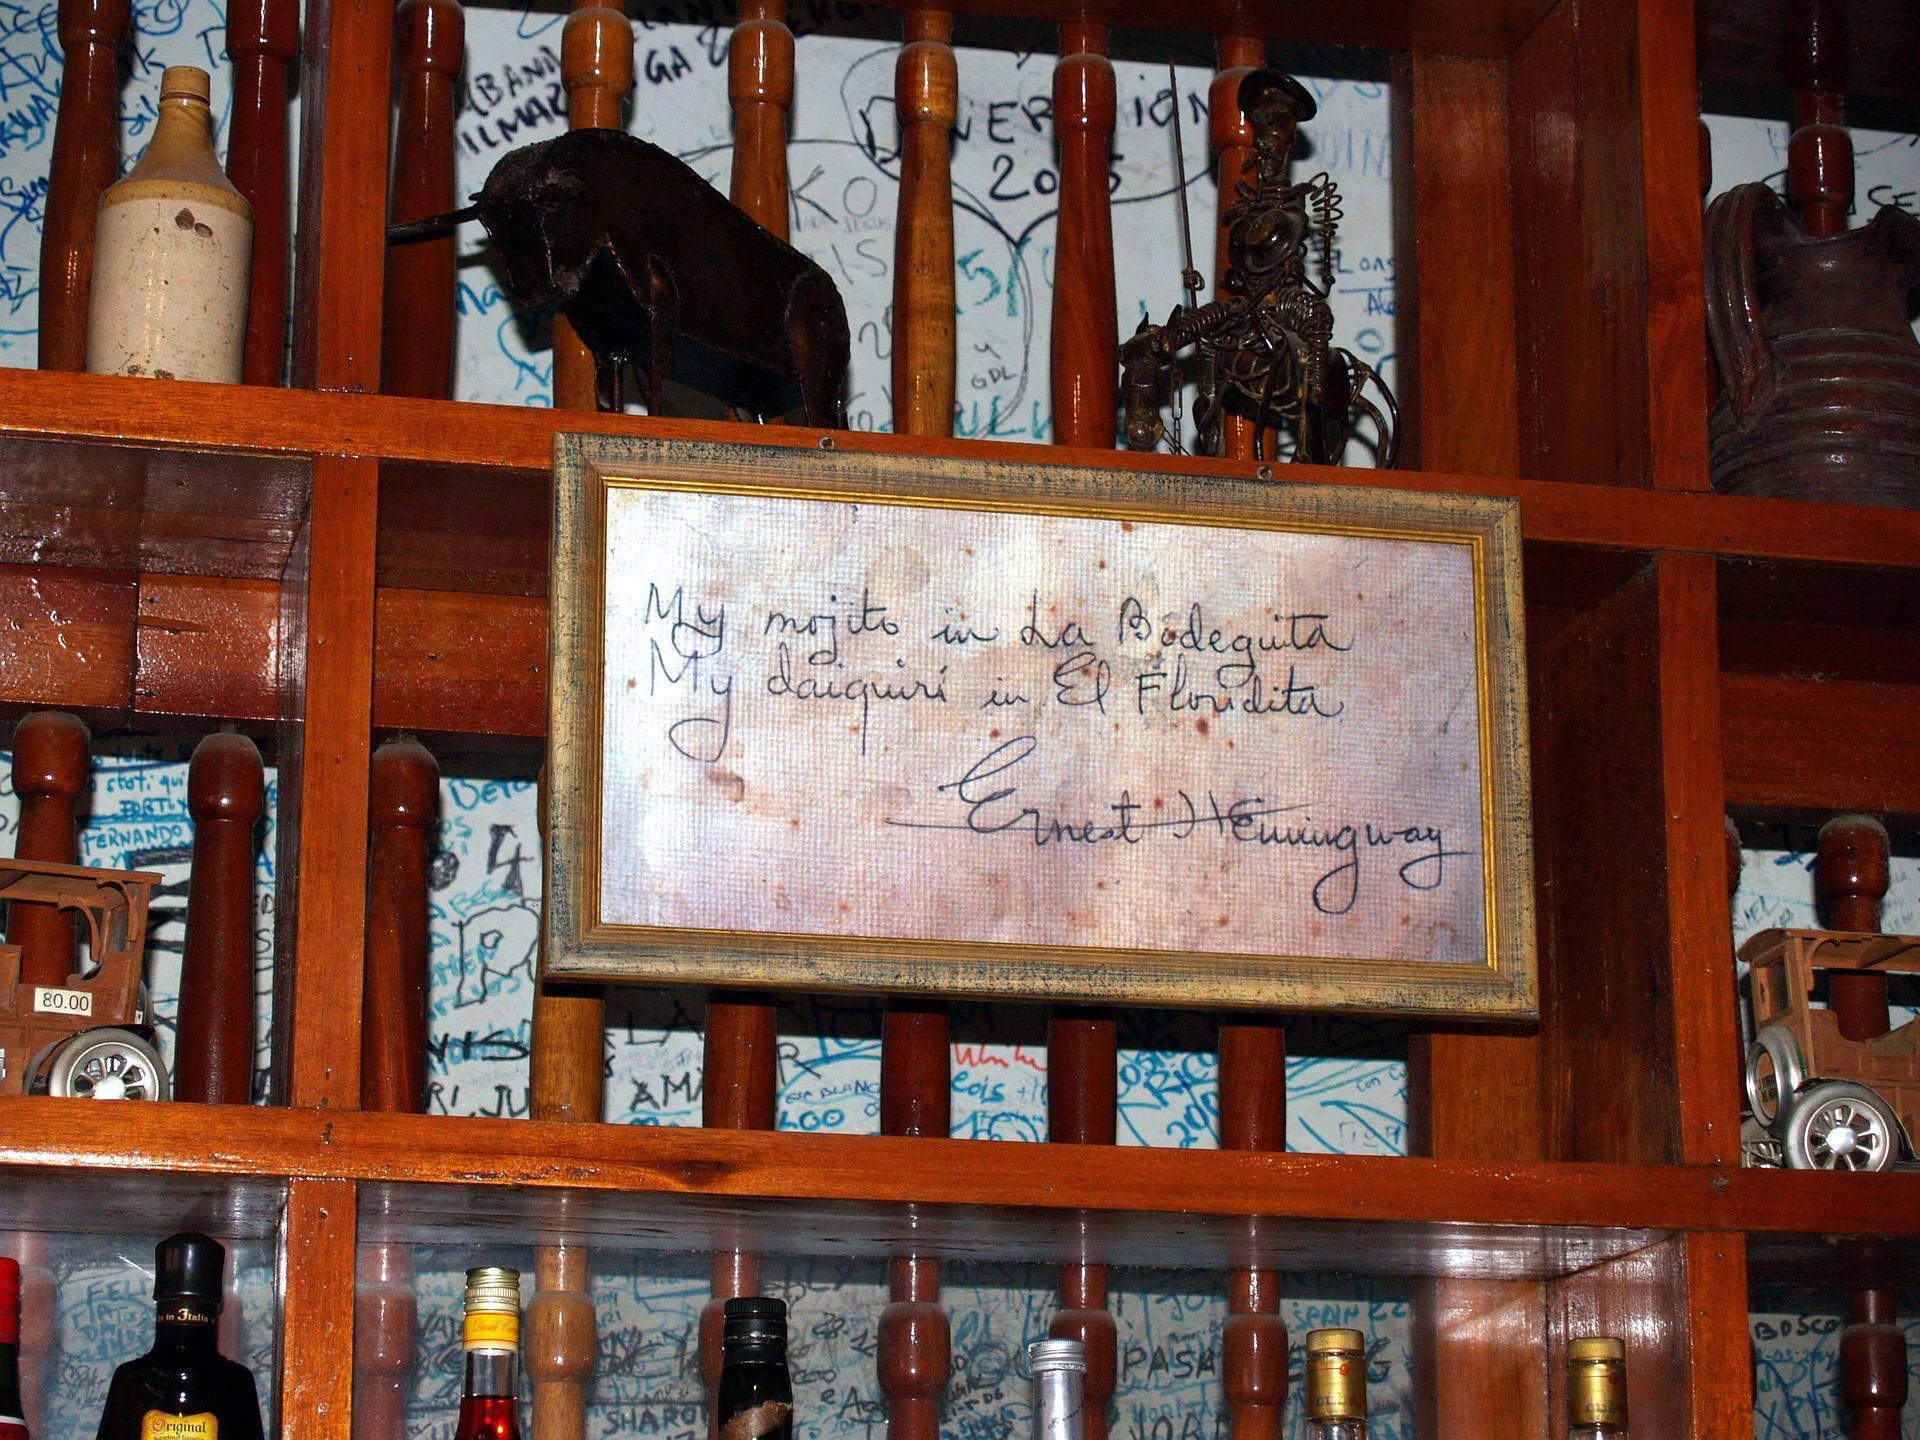 ラ・ボデギータに掲げられたヘミングウェイの言葉を記したプレート